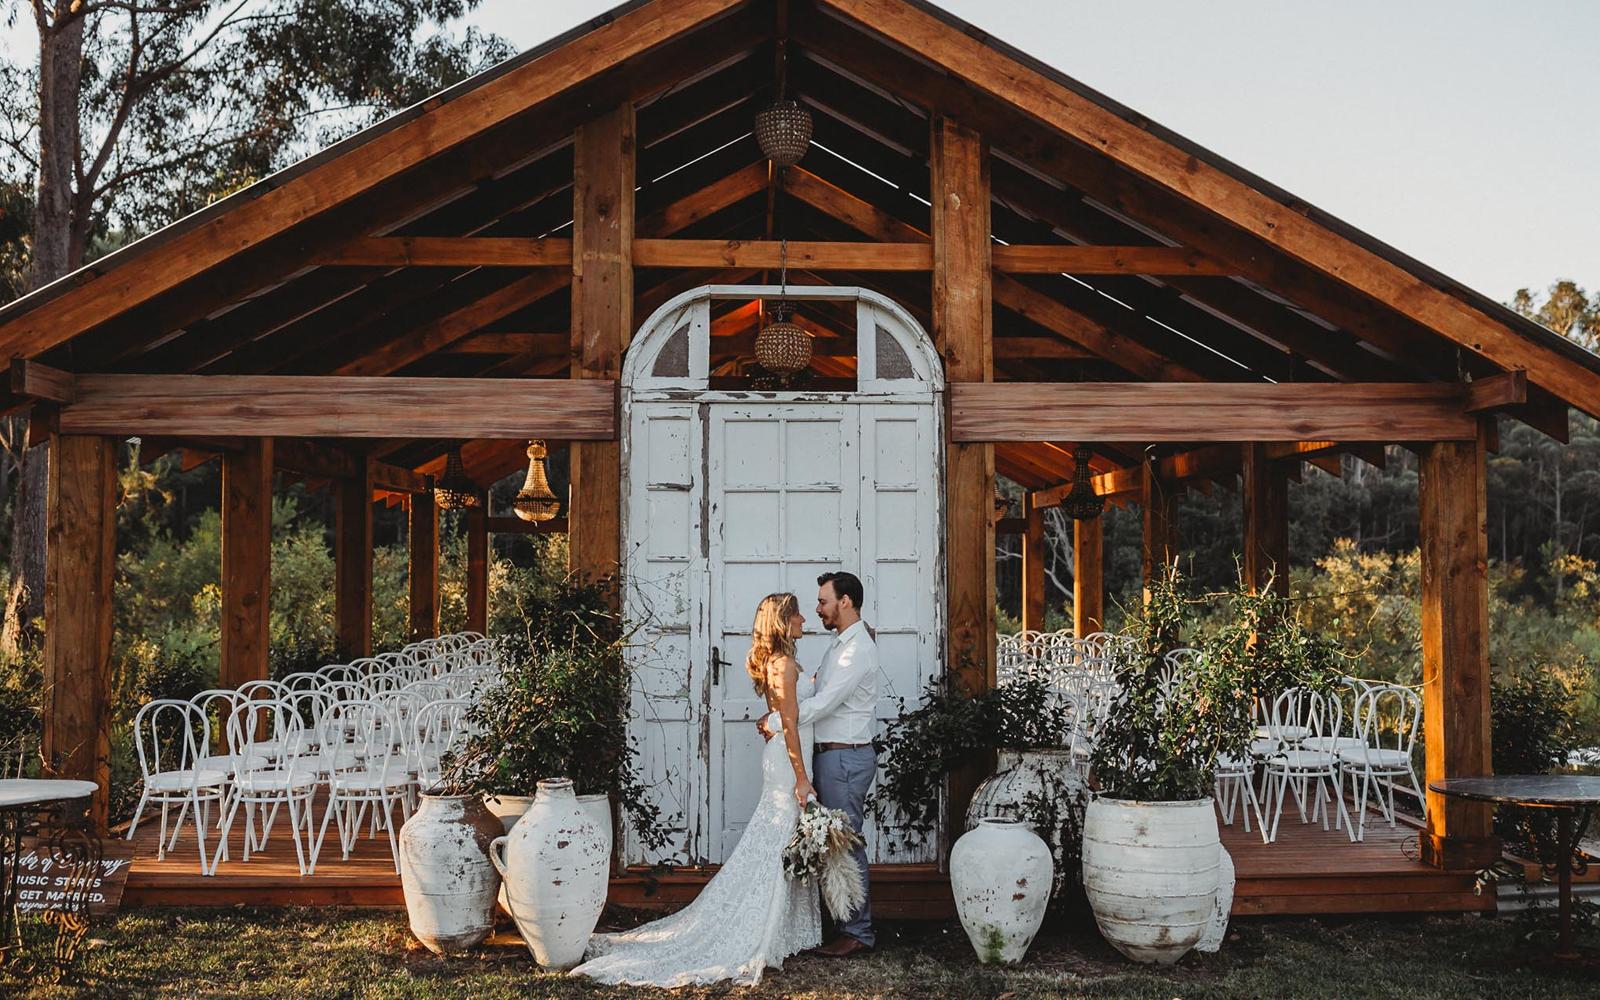 sydney wedding venue woods farm